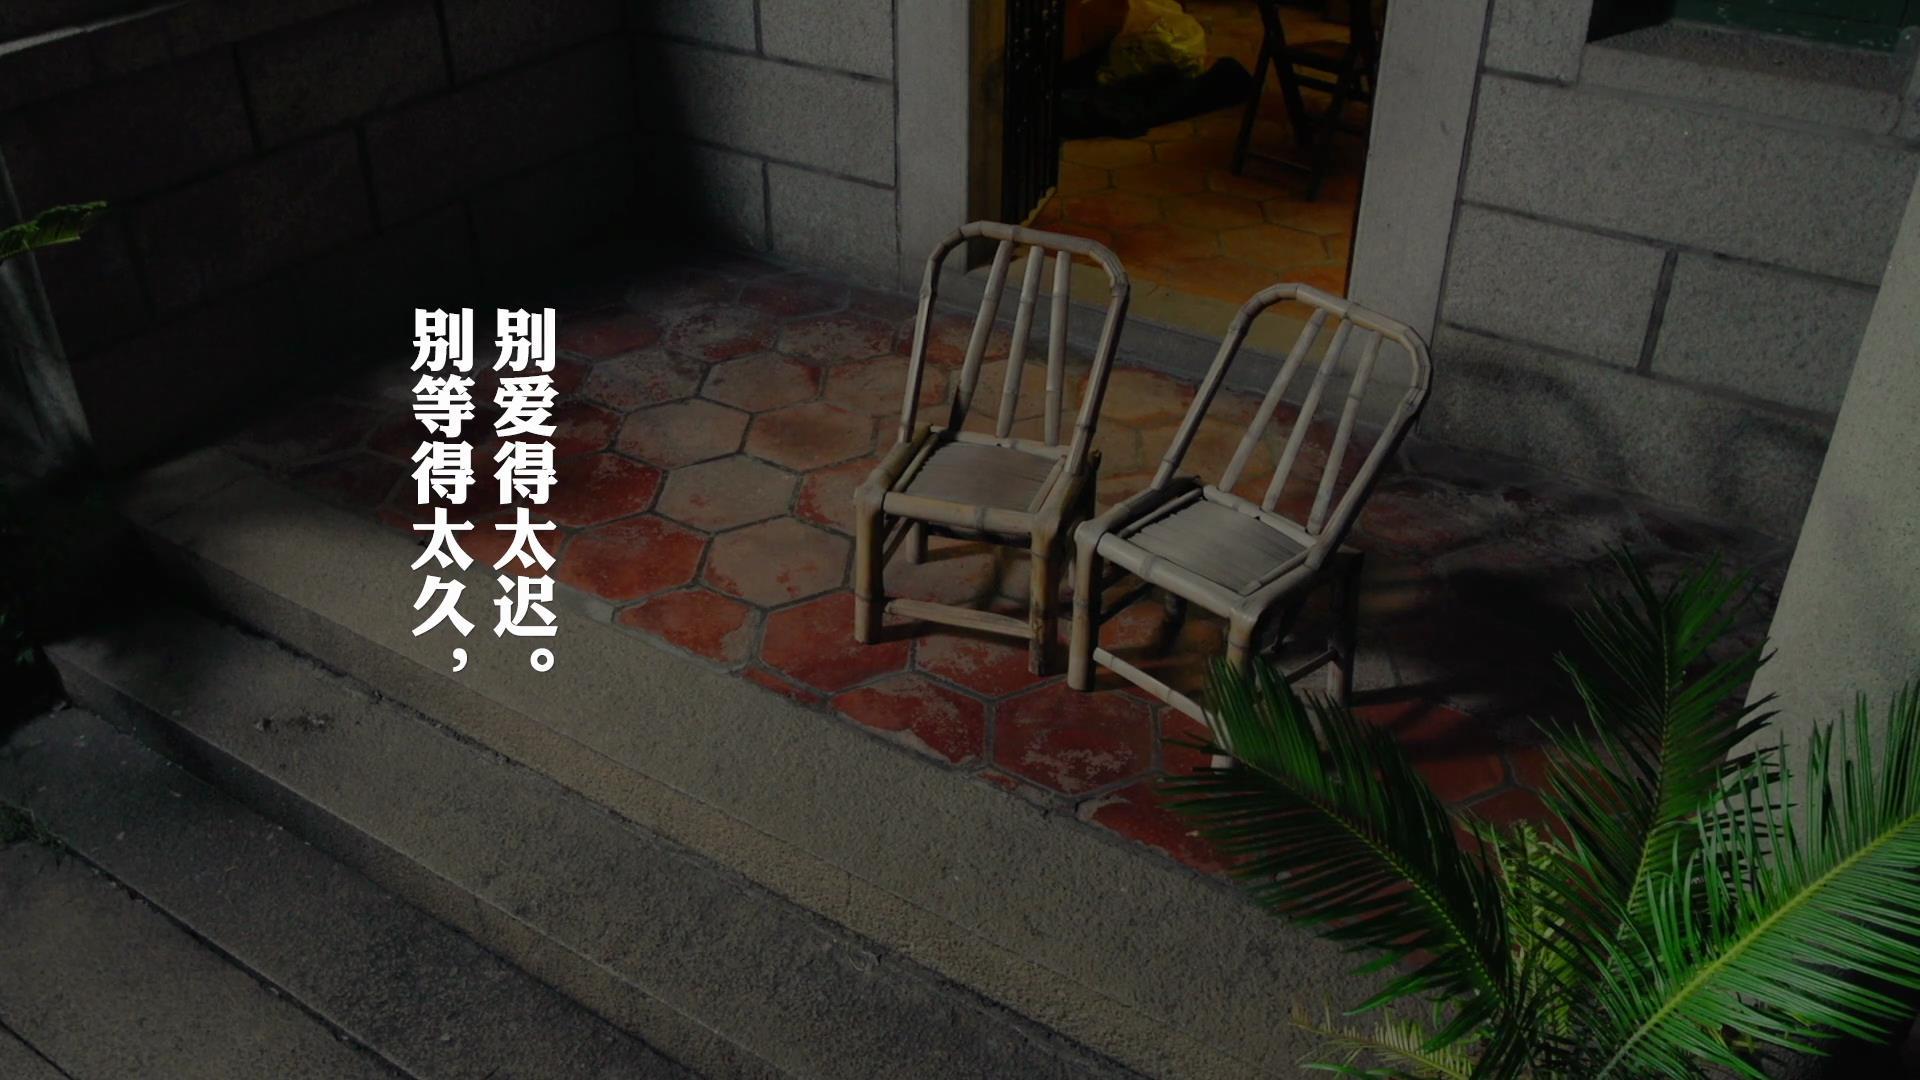 影视类铜奖——《爱别等待》